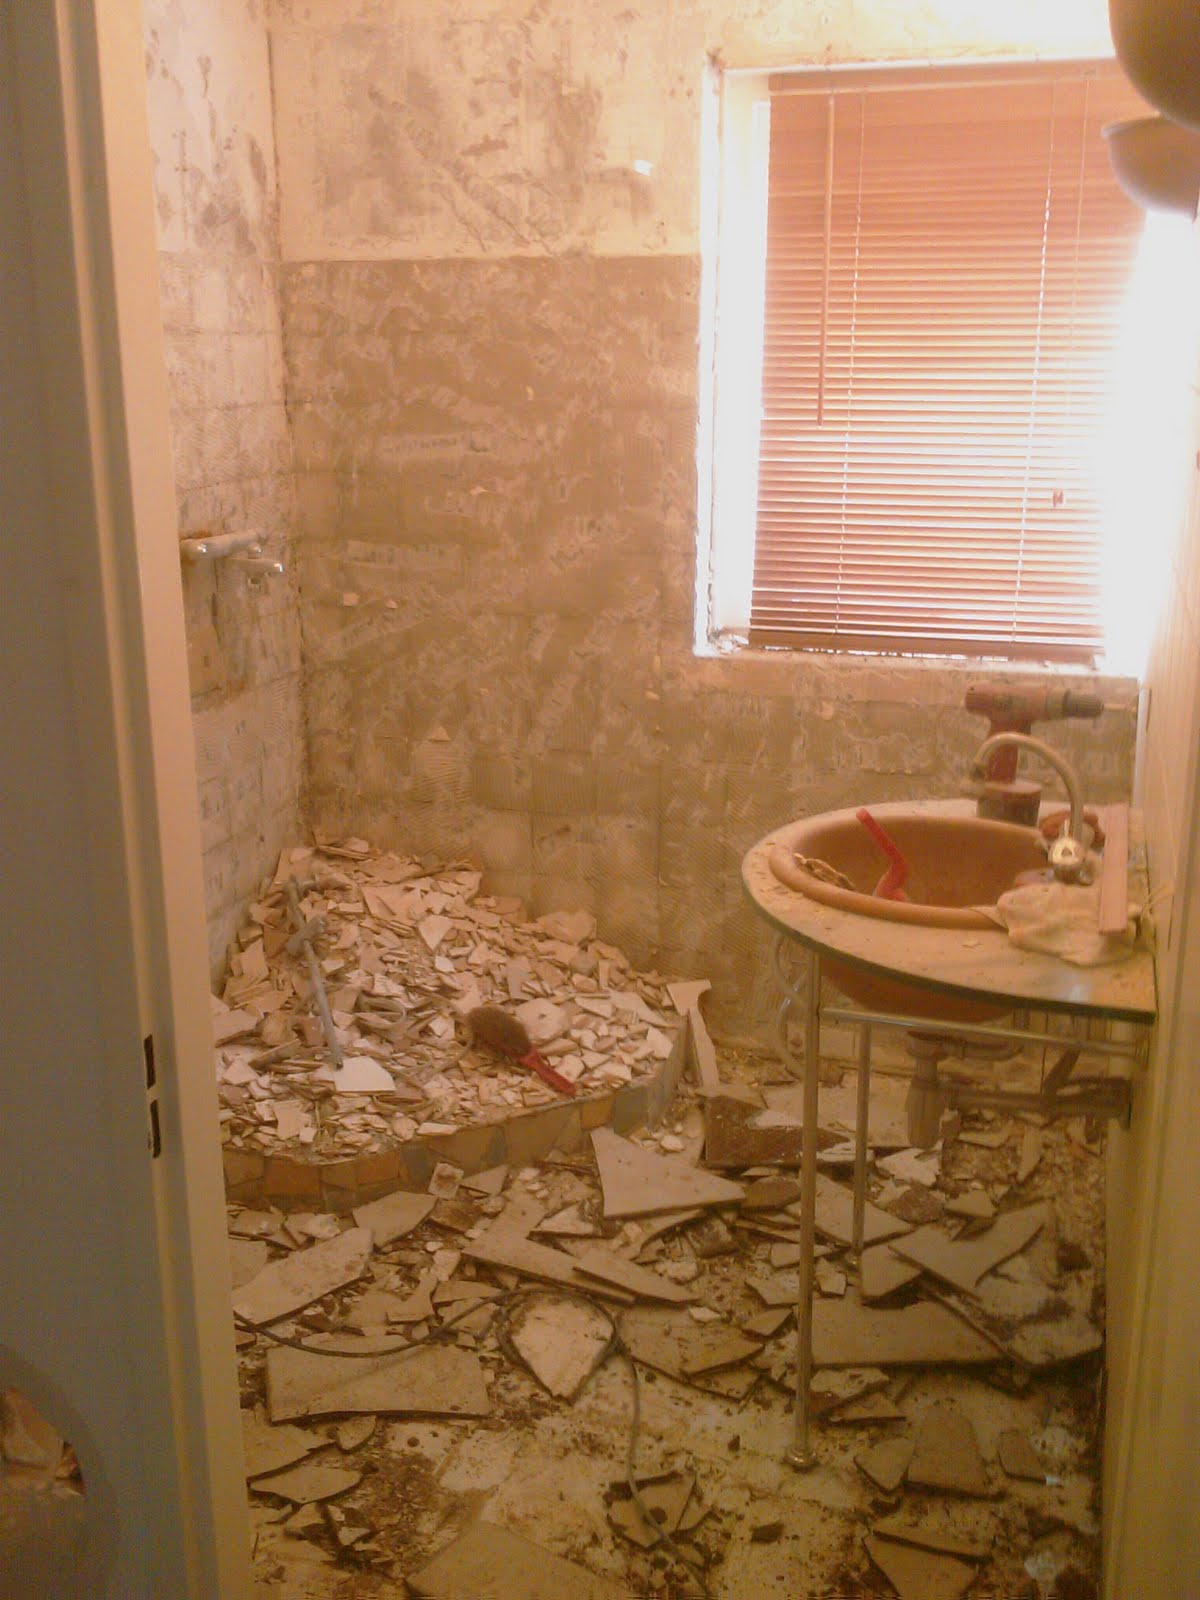 Zelf een badkamer maken puinzakken puinzakken en jawel puinzakken - Foto in een bad ...